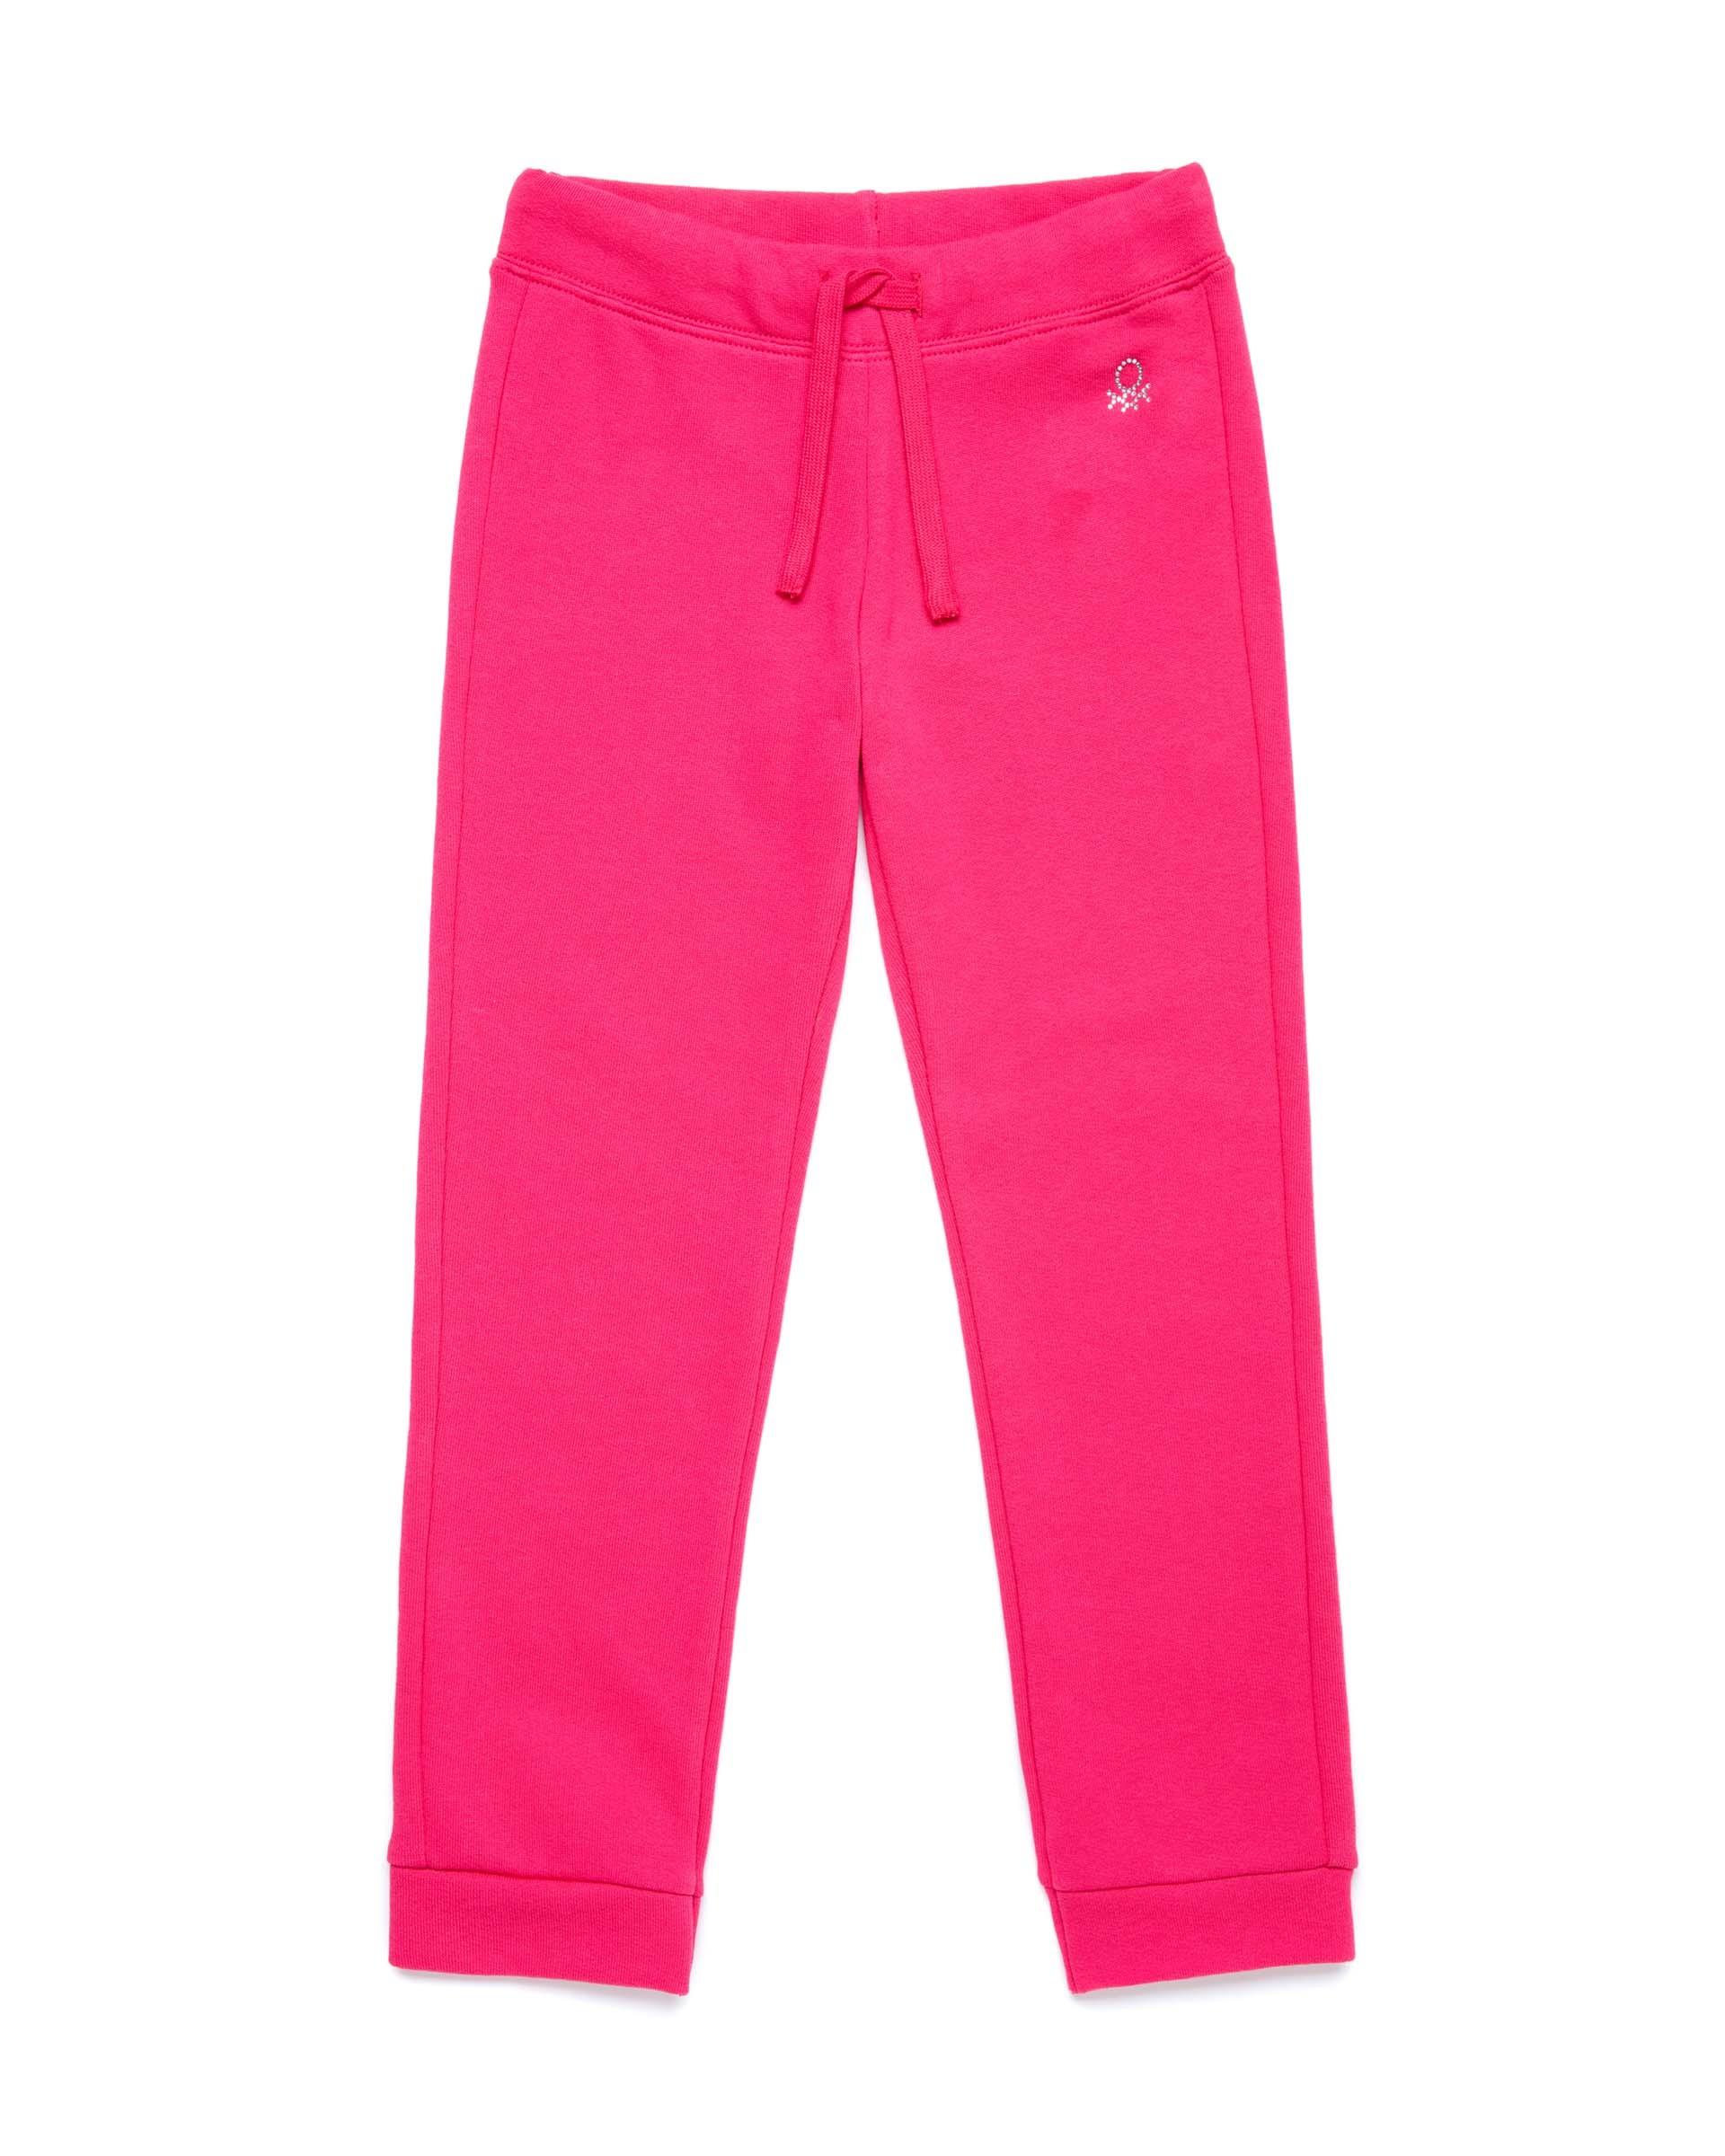 Купить 20P_3J68I0897_2L3, Спортивные брюки для девочек Benetton 3J68I0897_2L3 р-р 140, United Colors of Benetton, Брюки для девочек